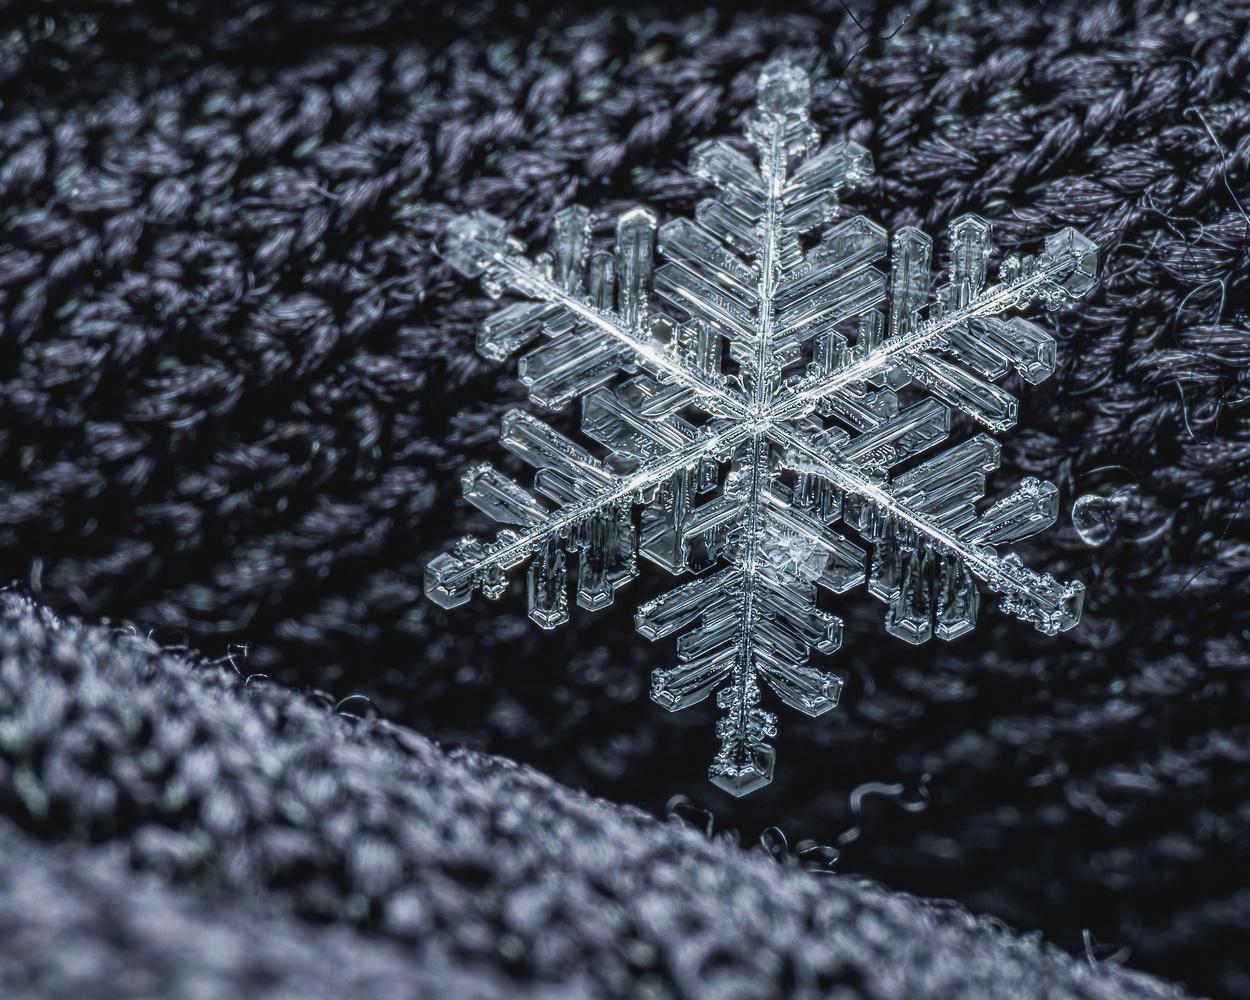 Snowflake by Skyler Ewing